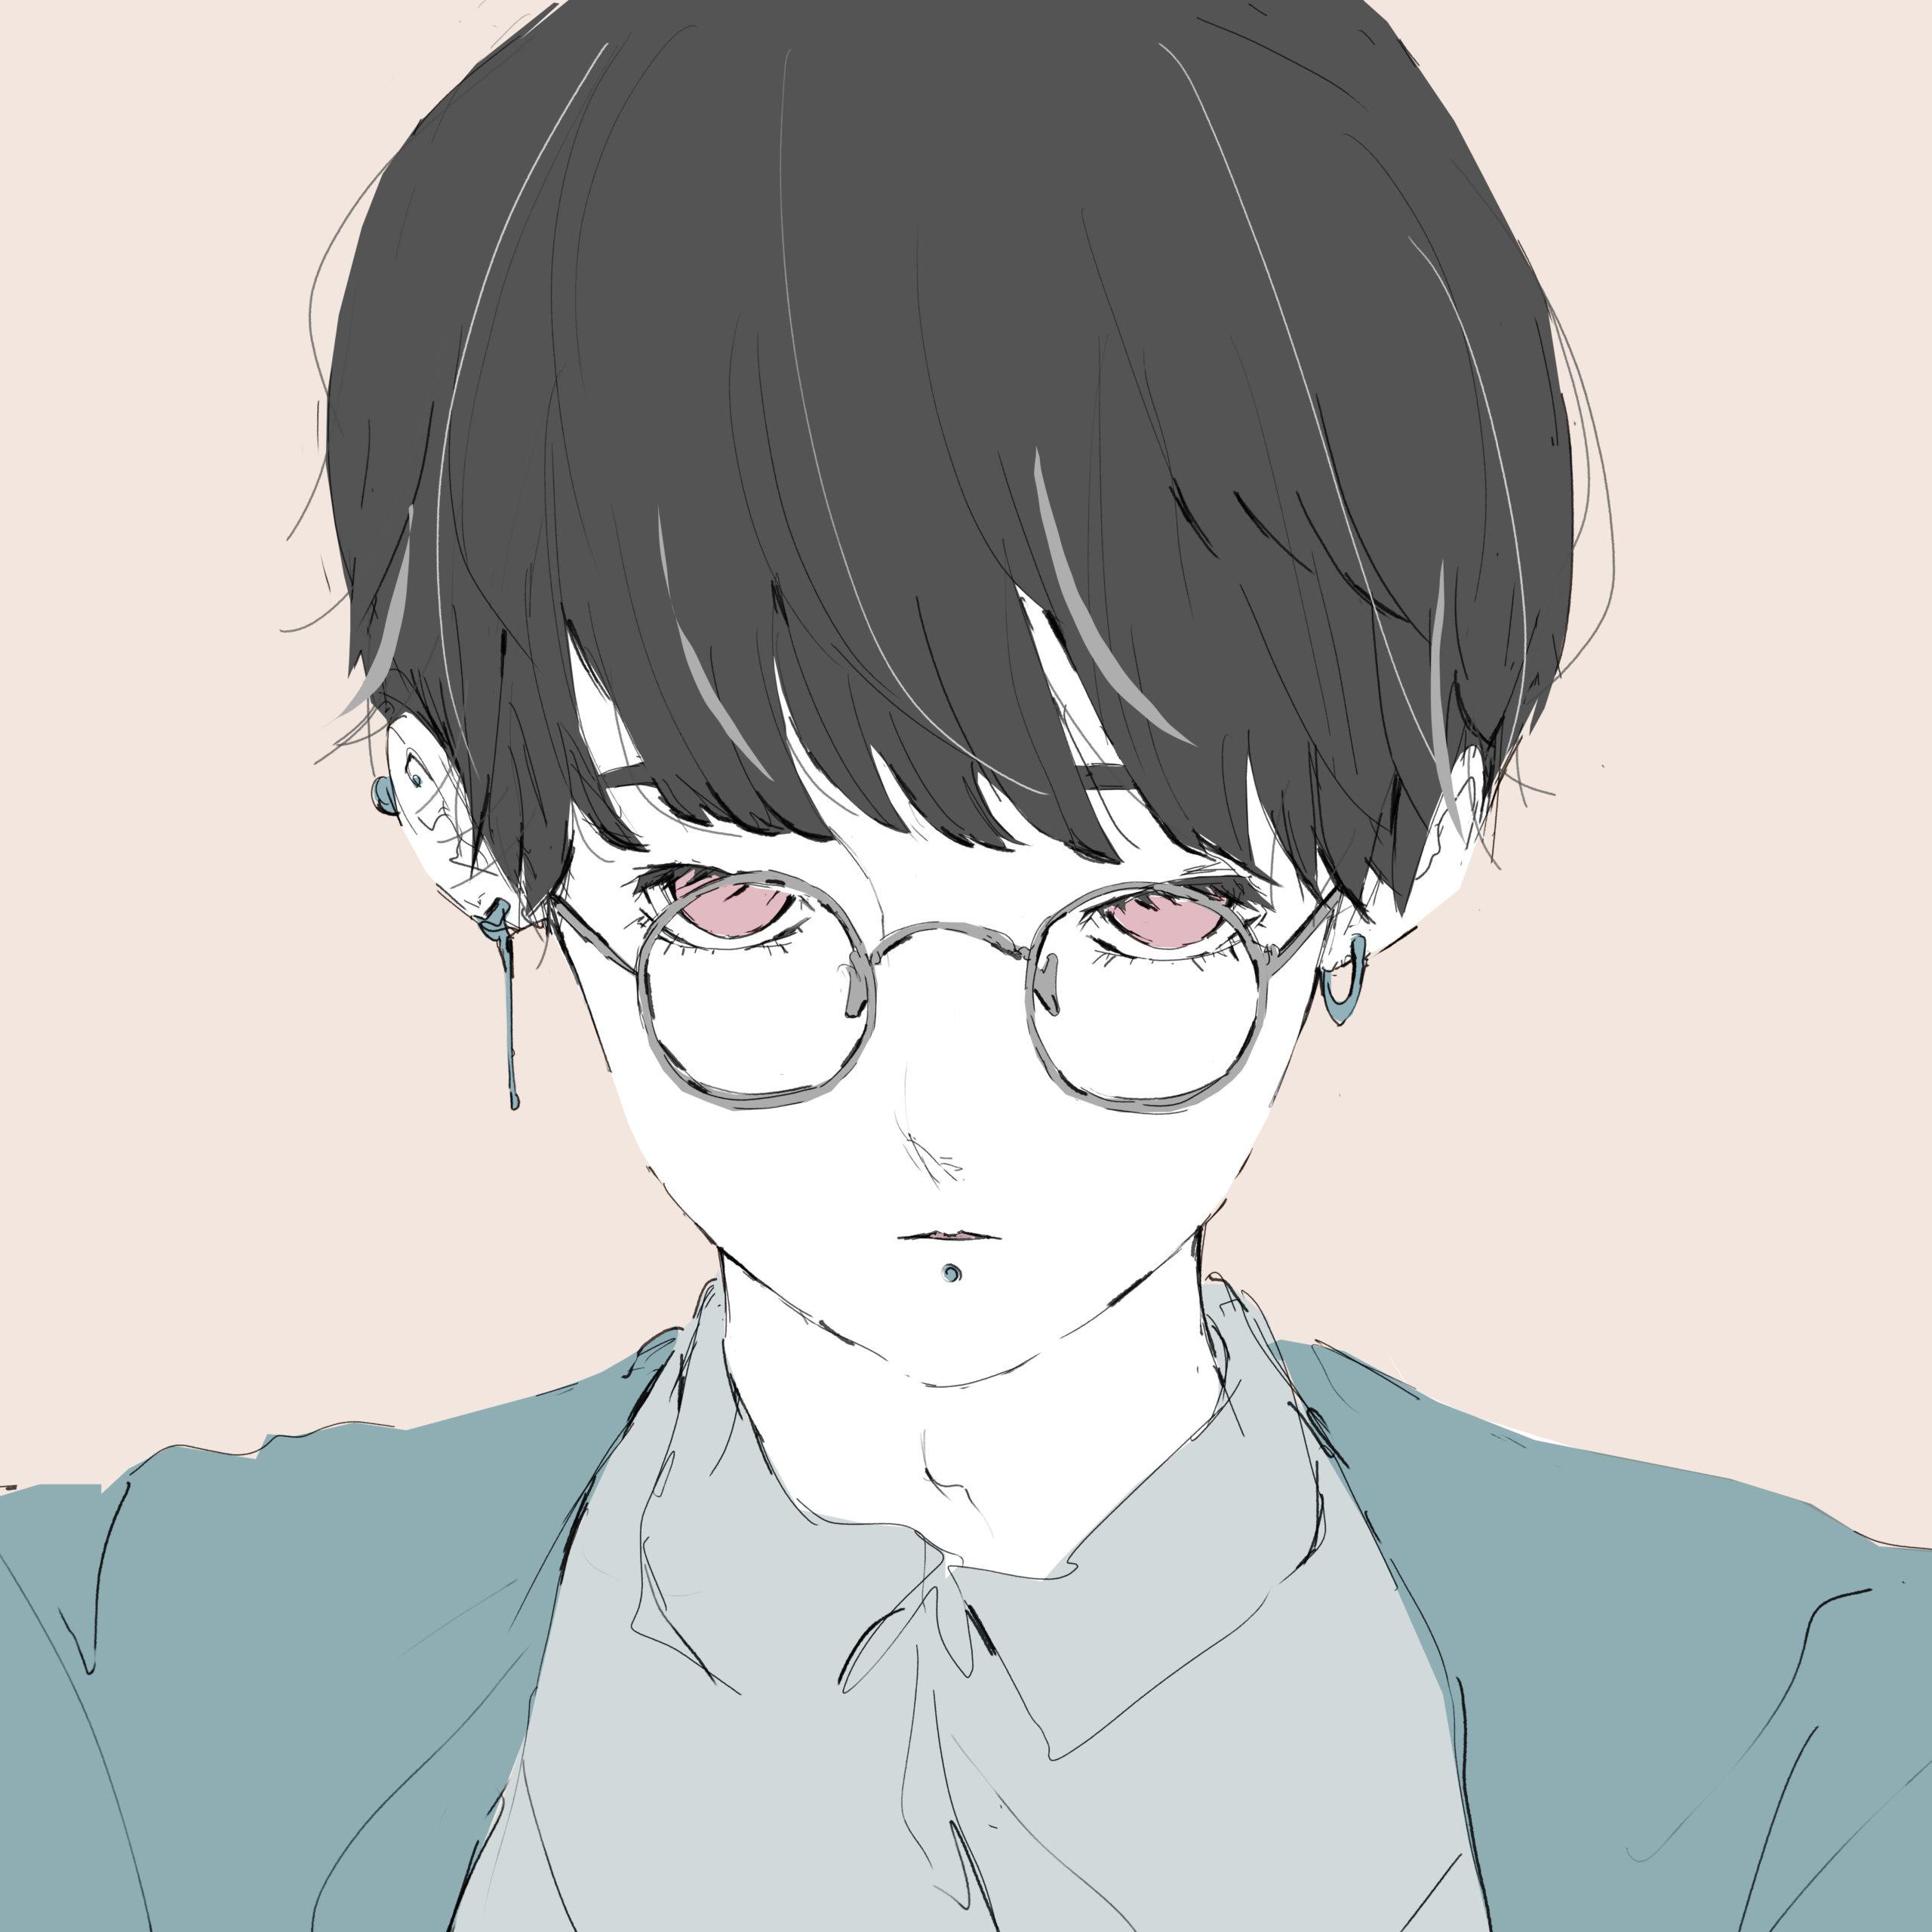 丸眼鏡をかけた黒髪の男の子のイラスト